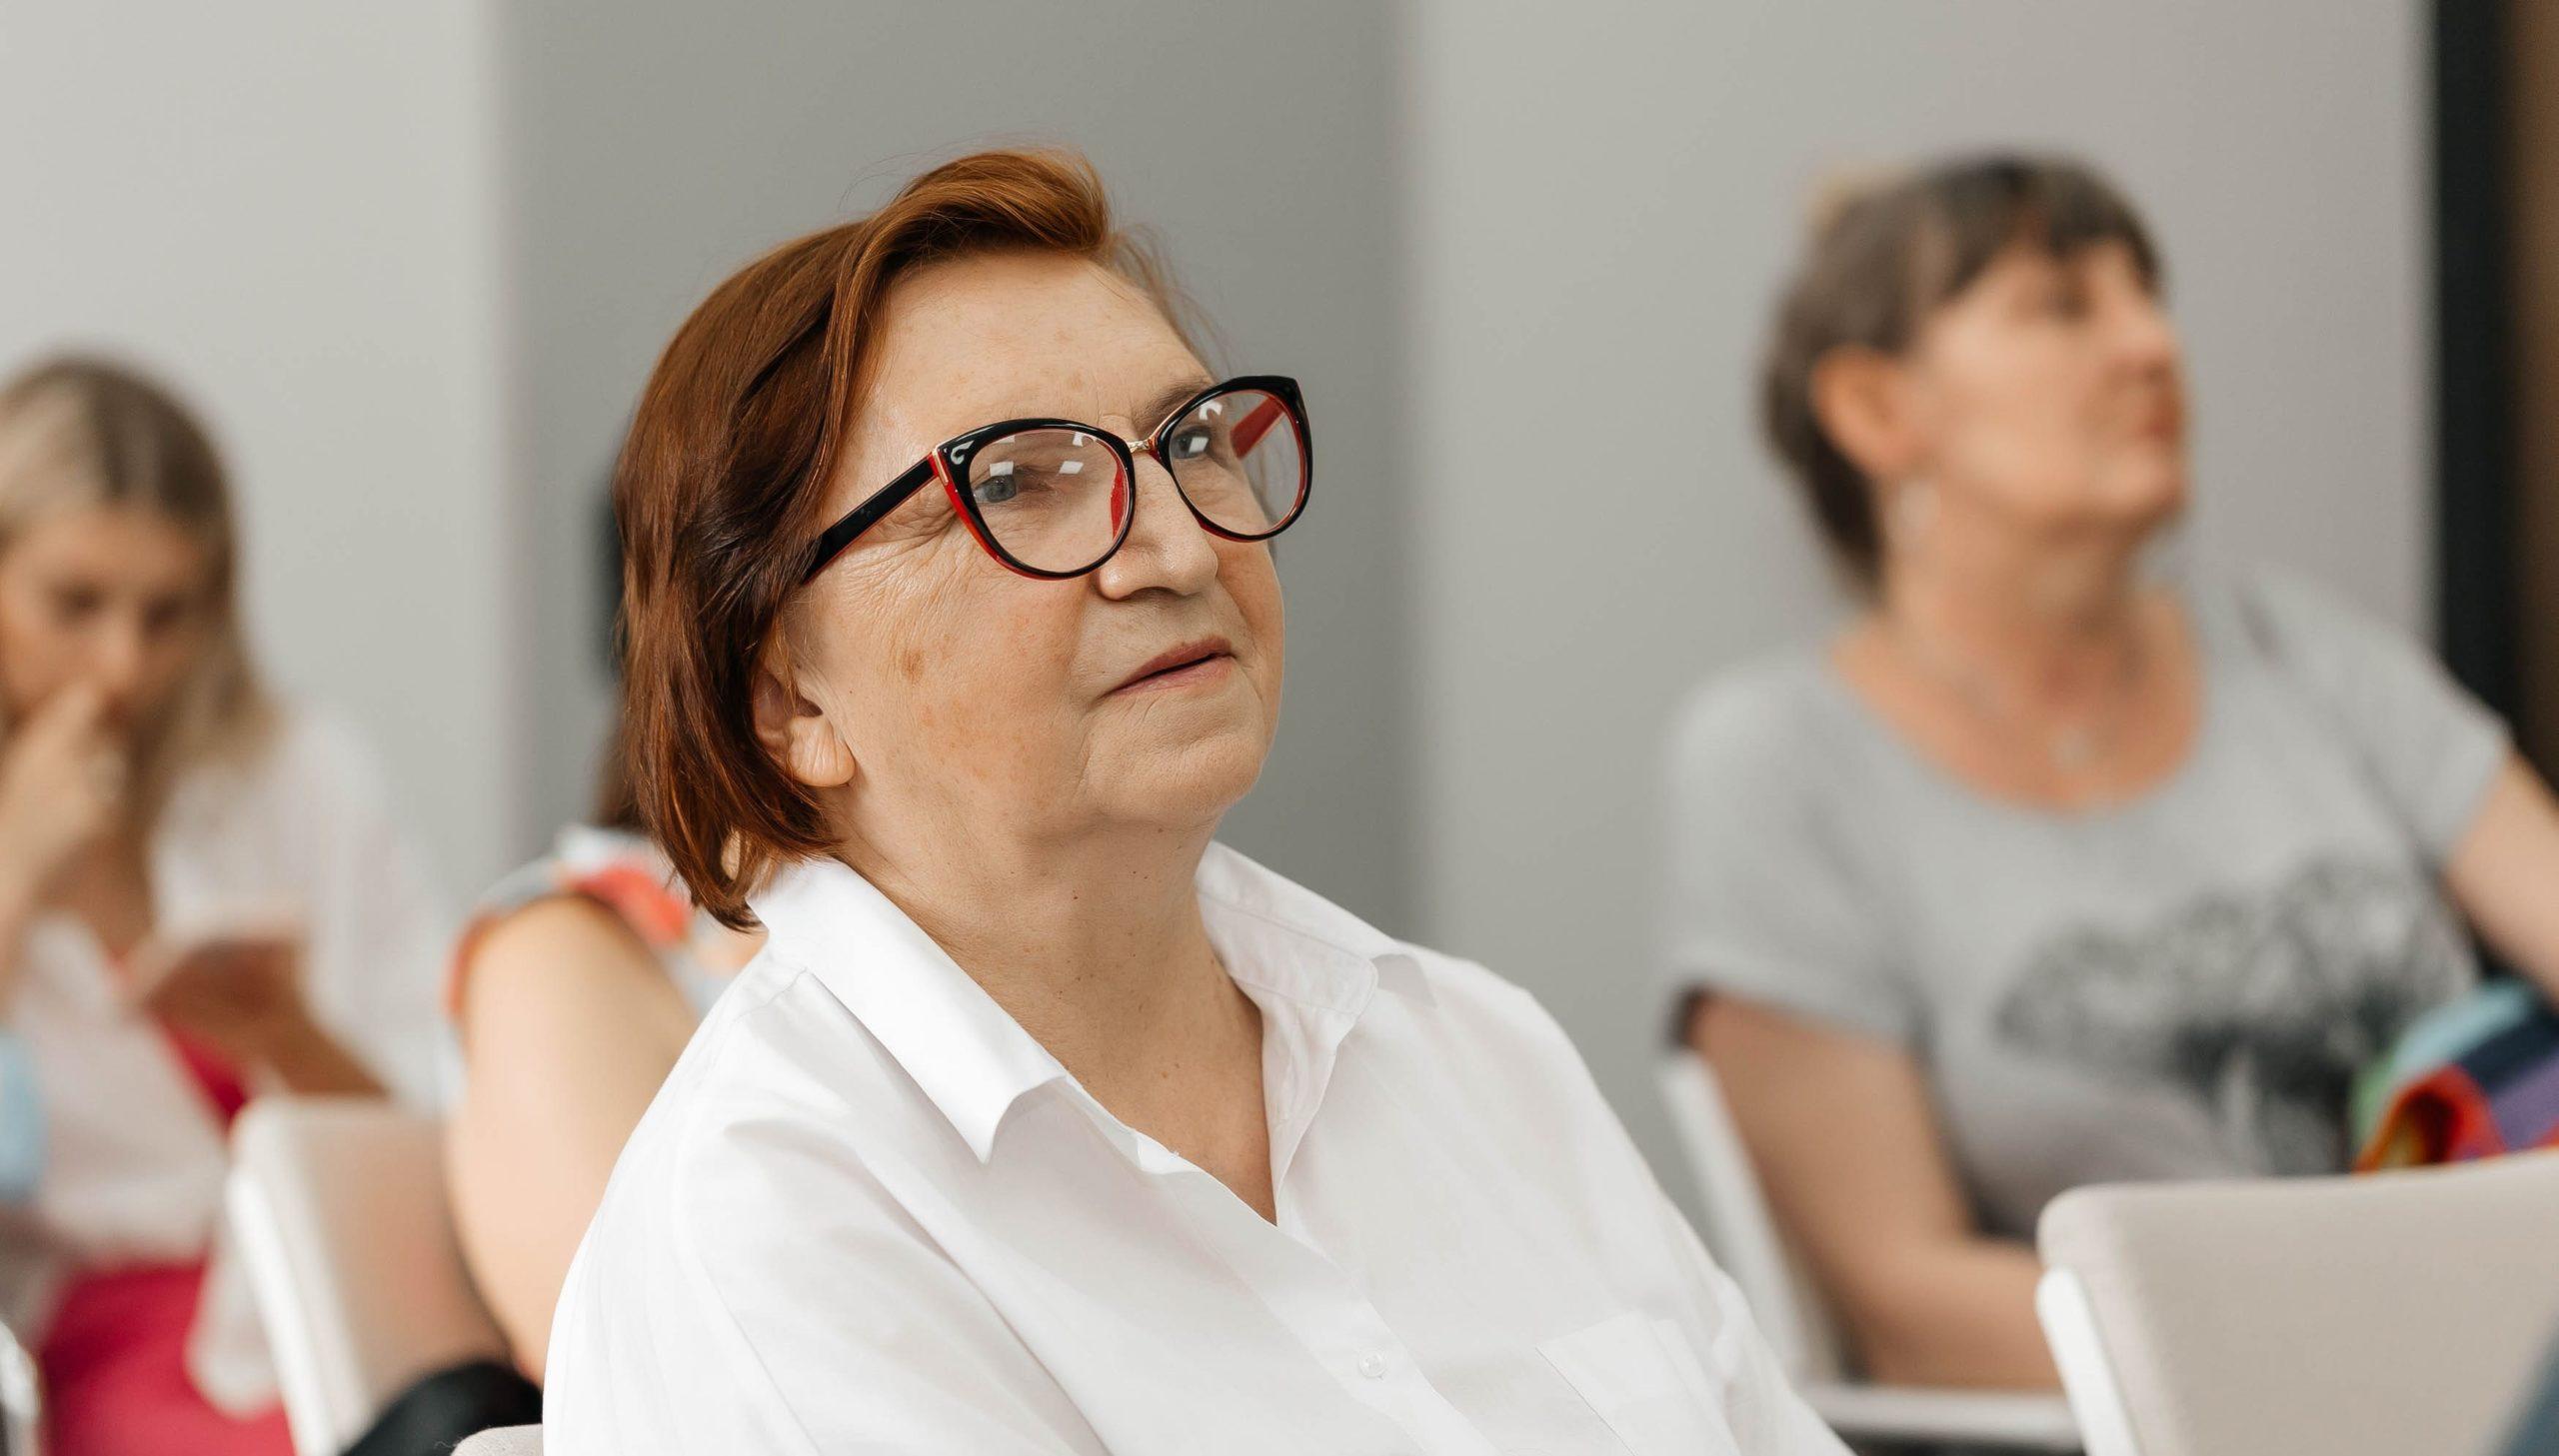 Viasat приєднався до соціальної кампанії #забутипровік та залучив до своєї команди стажера 50+